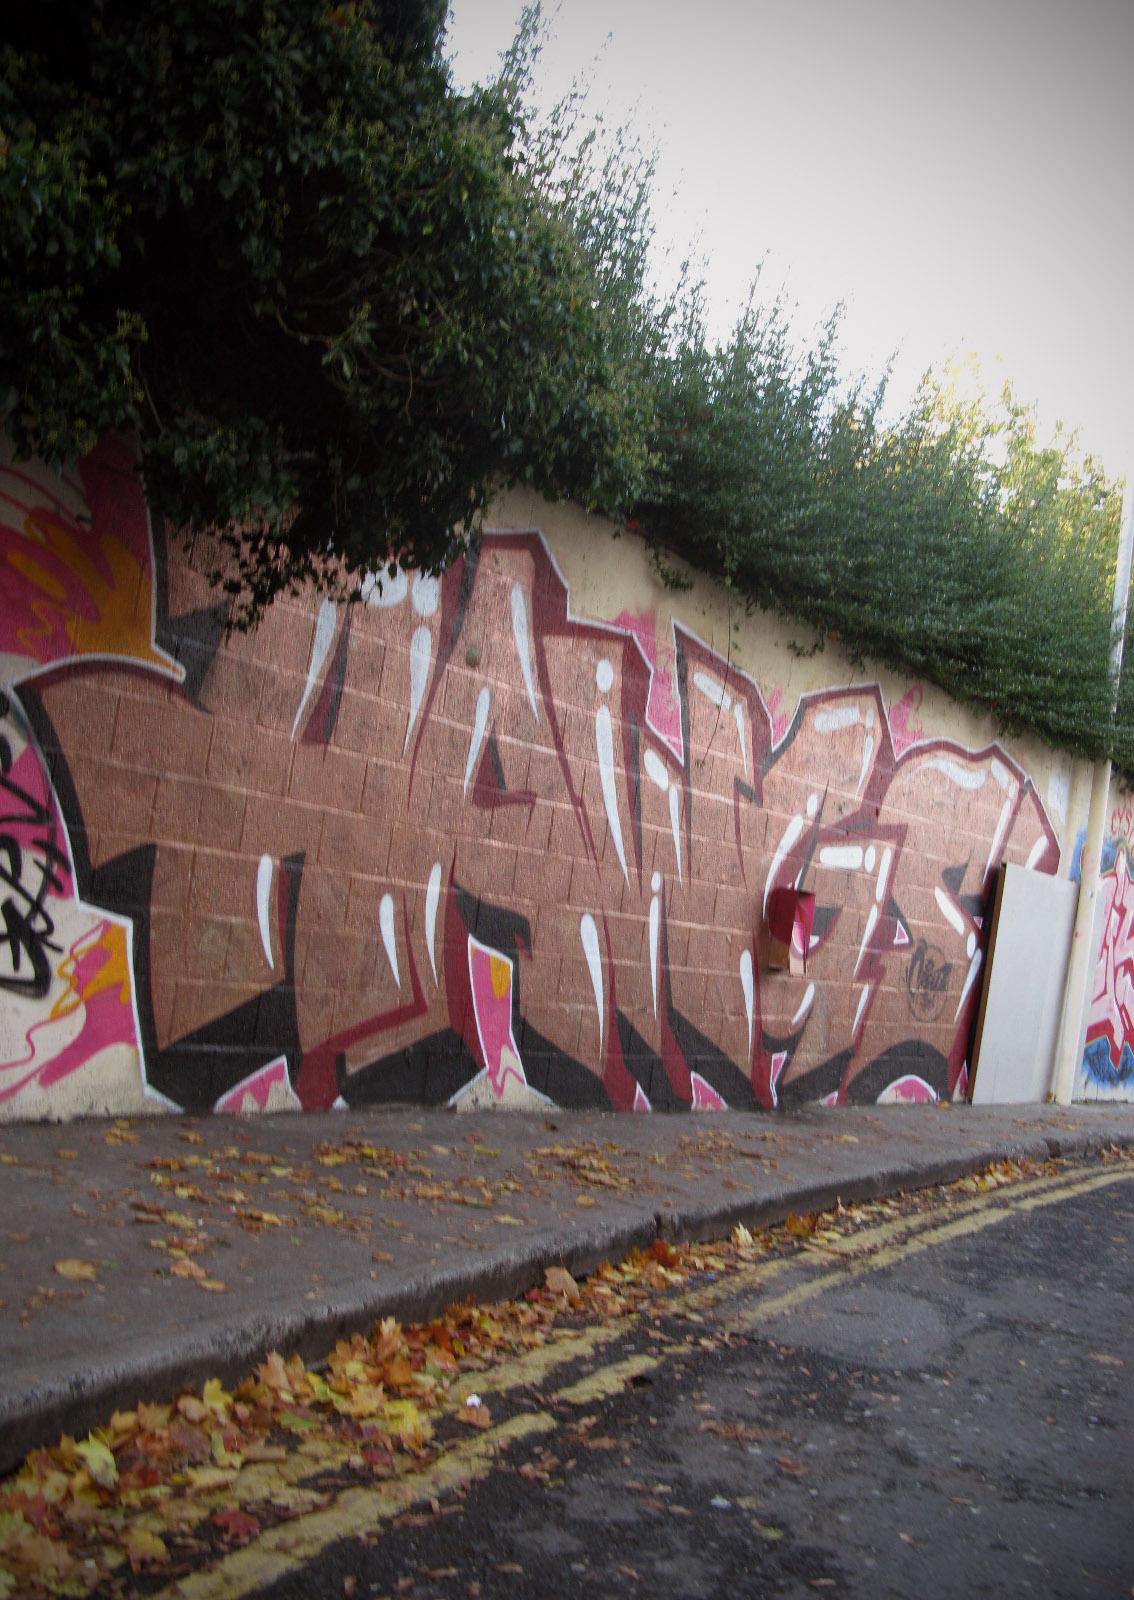 Dublin Graffiti Come Here To Me